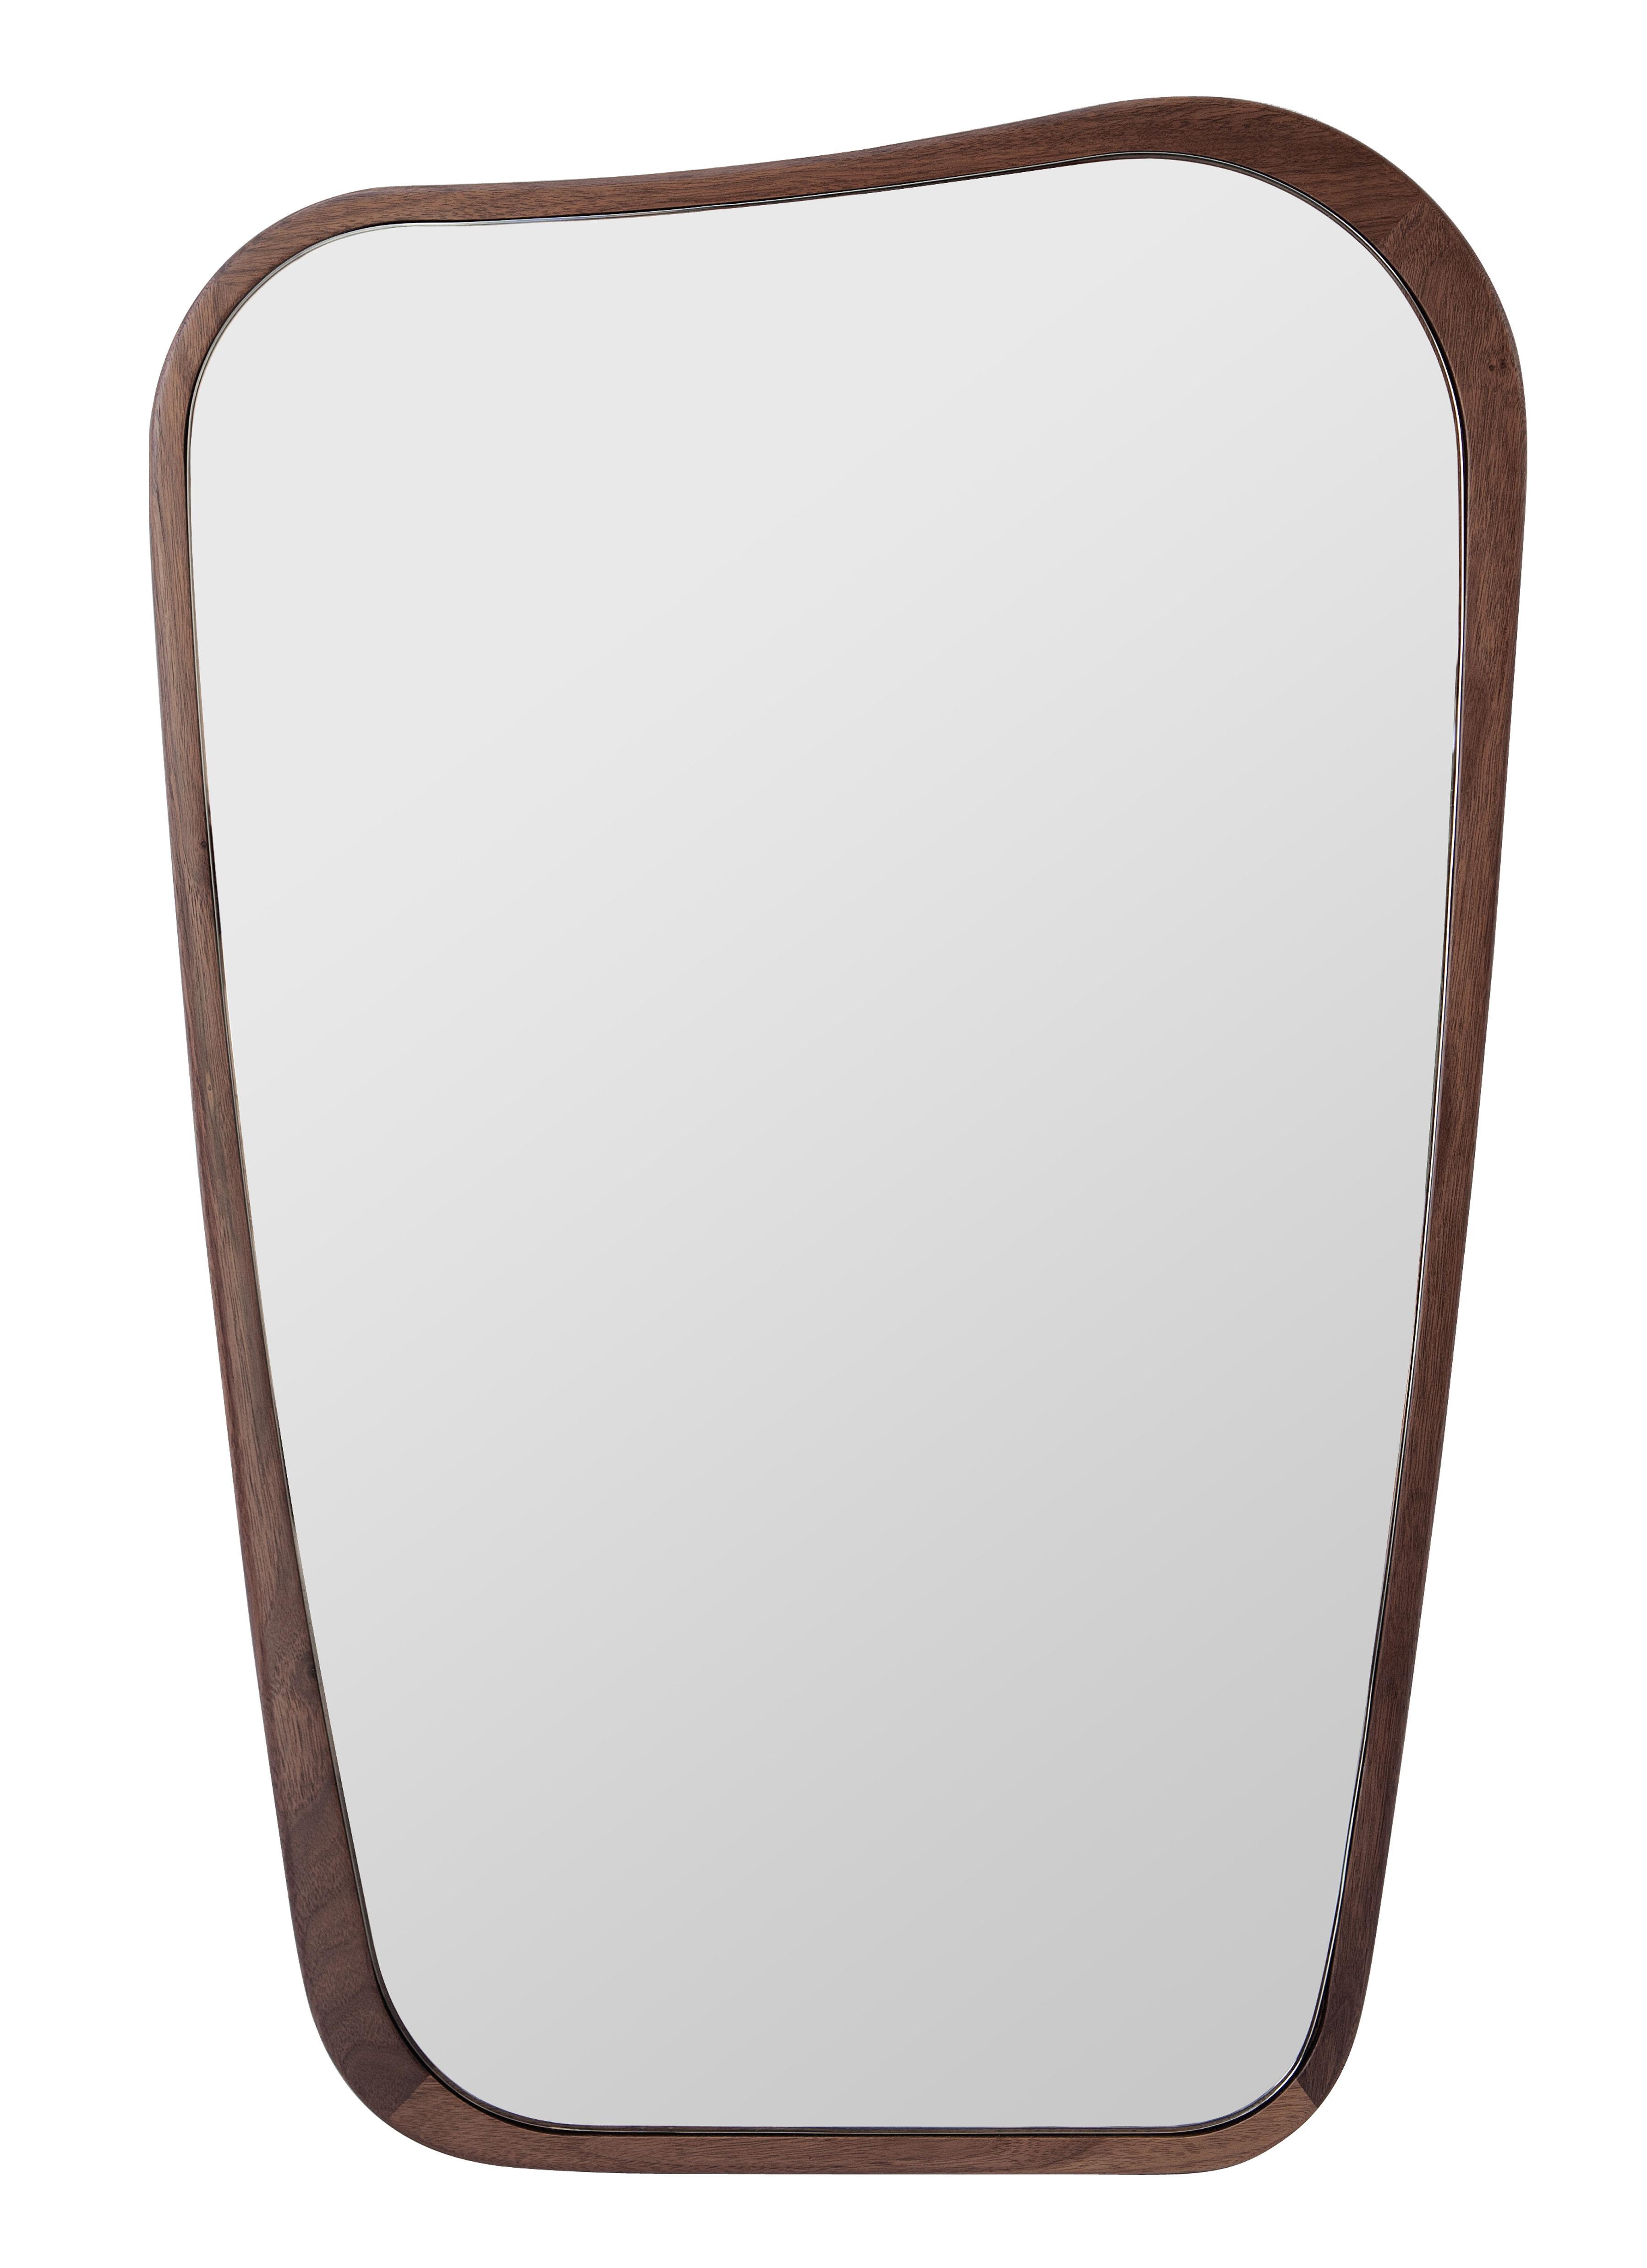 Miroir organique petit 50 x 75 cm noyer maison sarah for Miroir petit